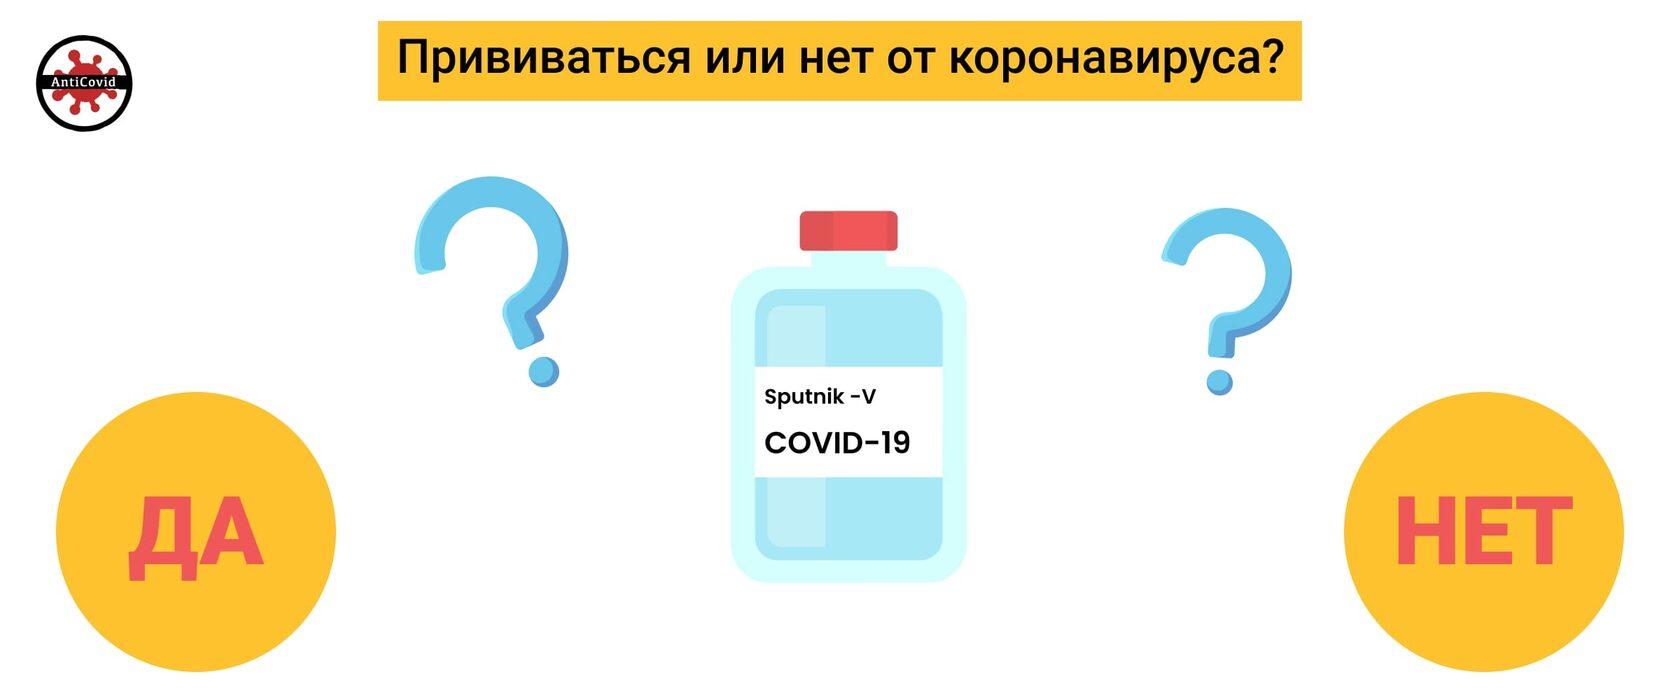 Прививаться или нет от коронавируса?